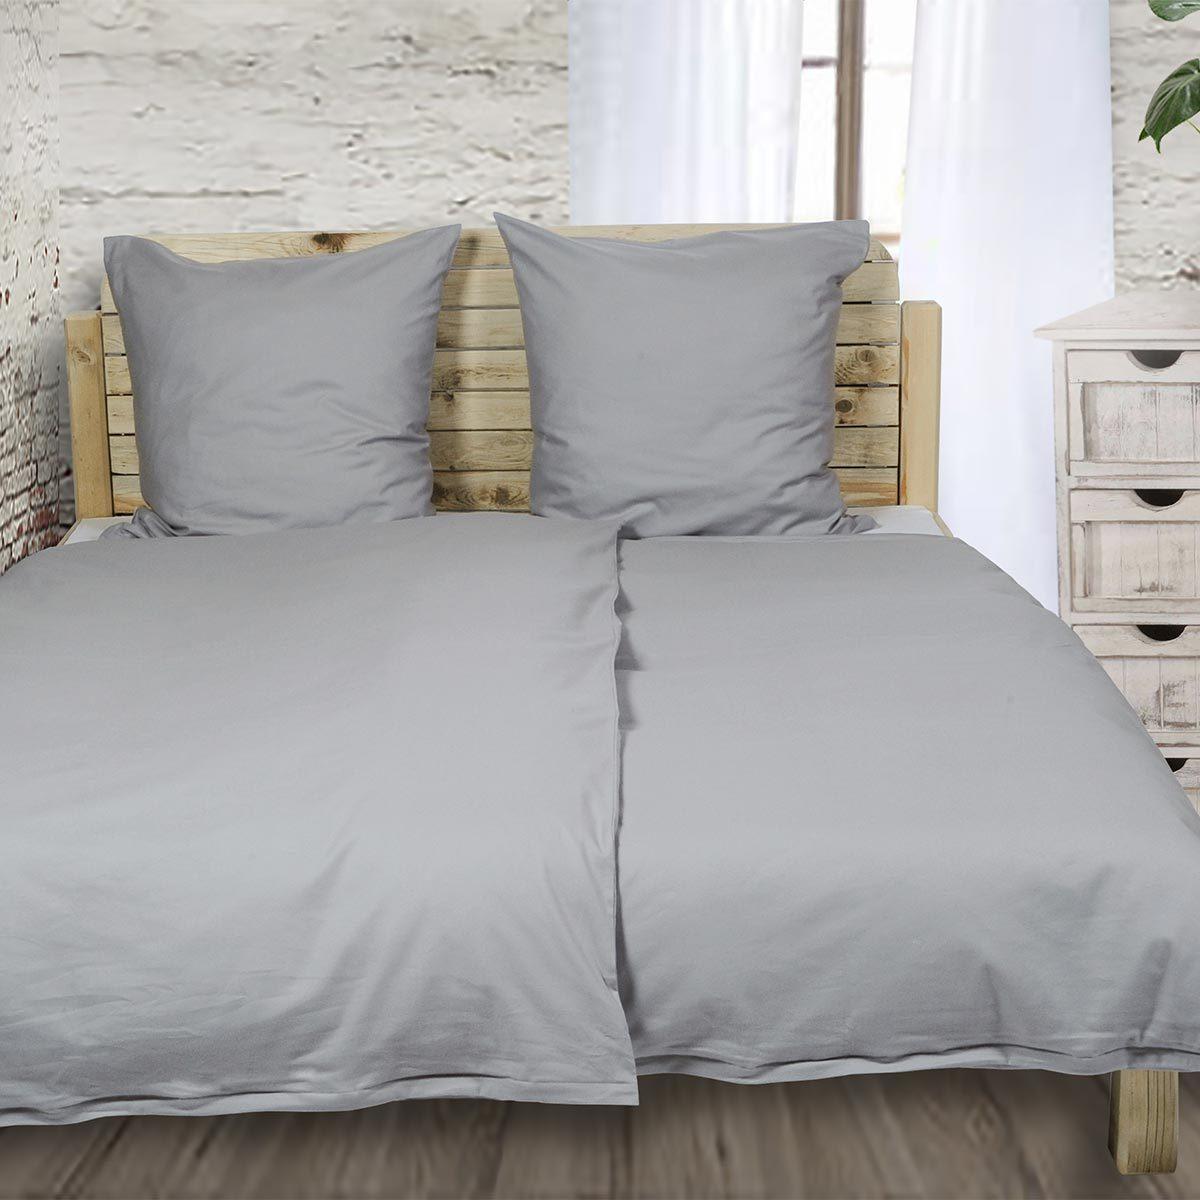 Bettwarenshop Uni Feinflanell Bettwäsche Grau Günstig Online Kaufen